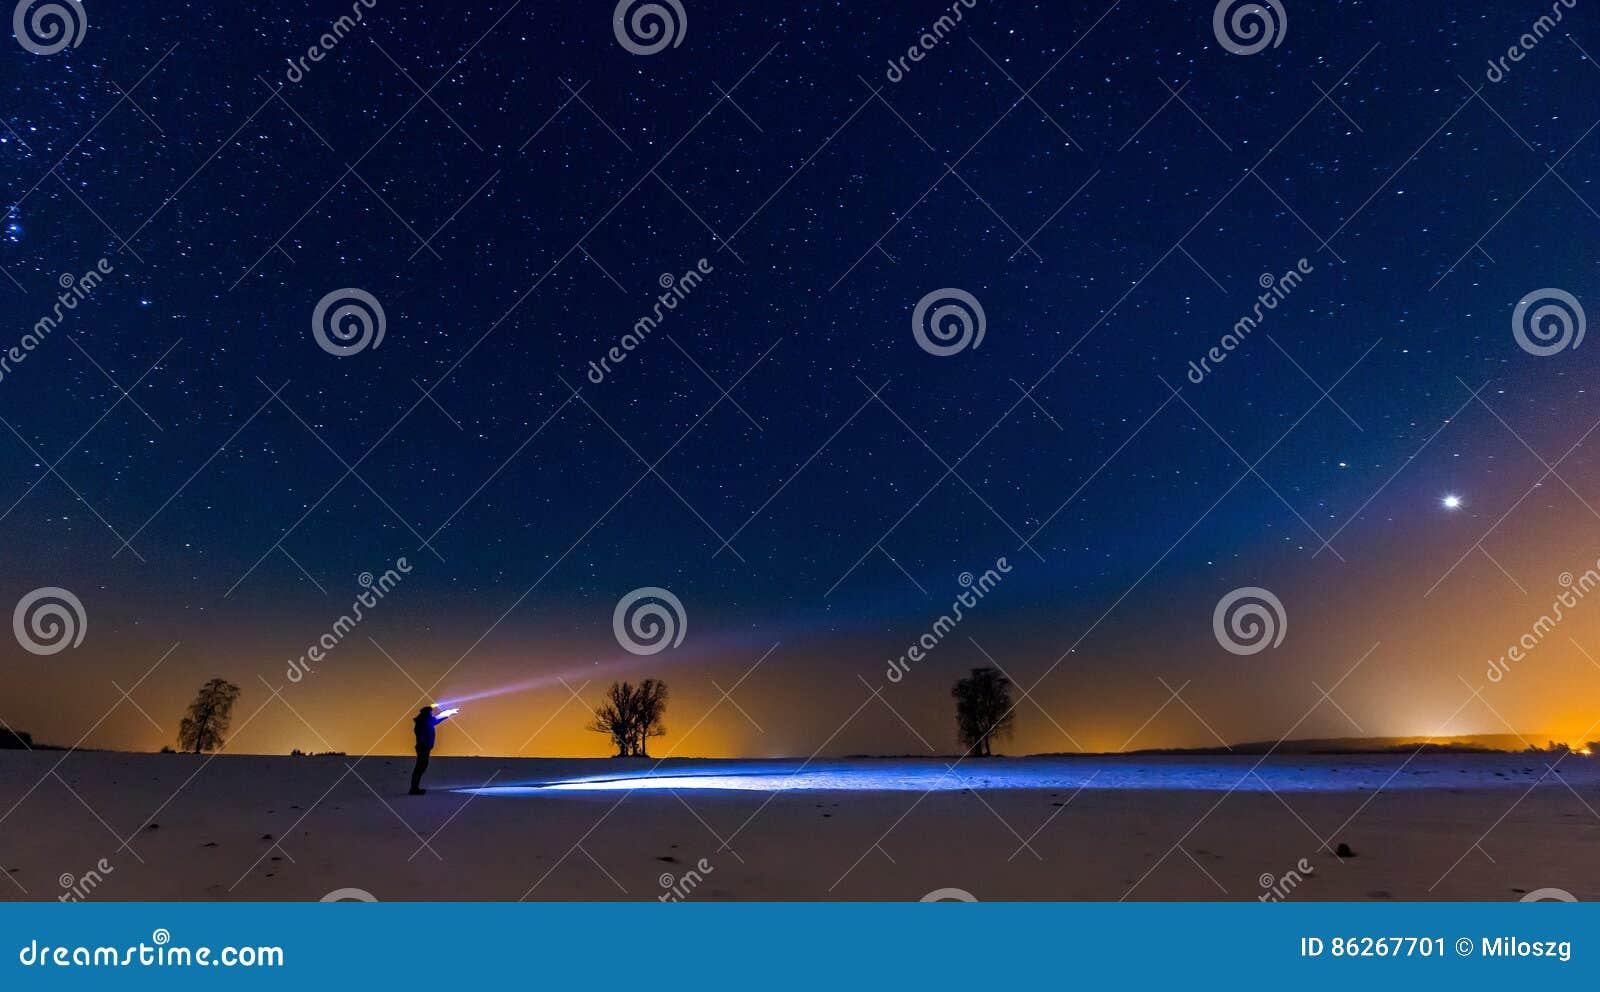 Έναστροι ουρανός και άτομο με το φακό να είστε μπορεί να σχεδιάσει το χρησιμοποιημένο νύχτα χειμώνα τοπίων απεικόνισής σας